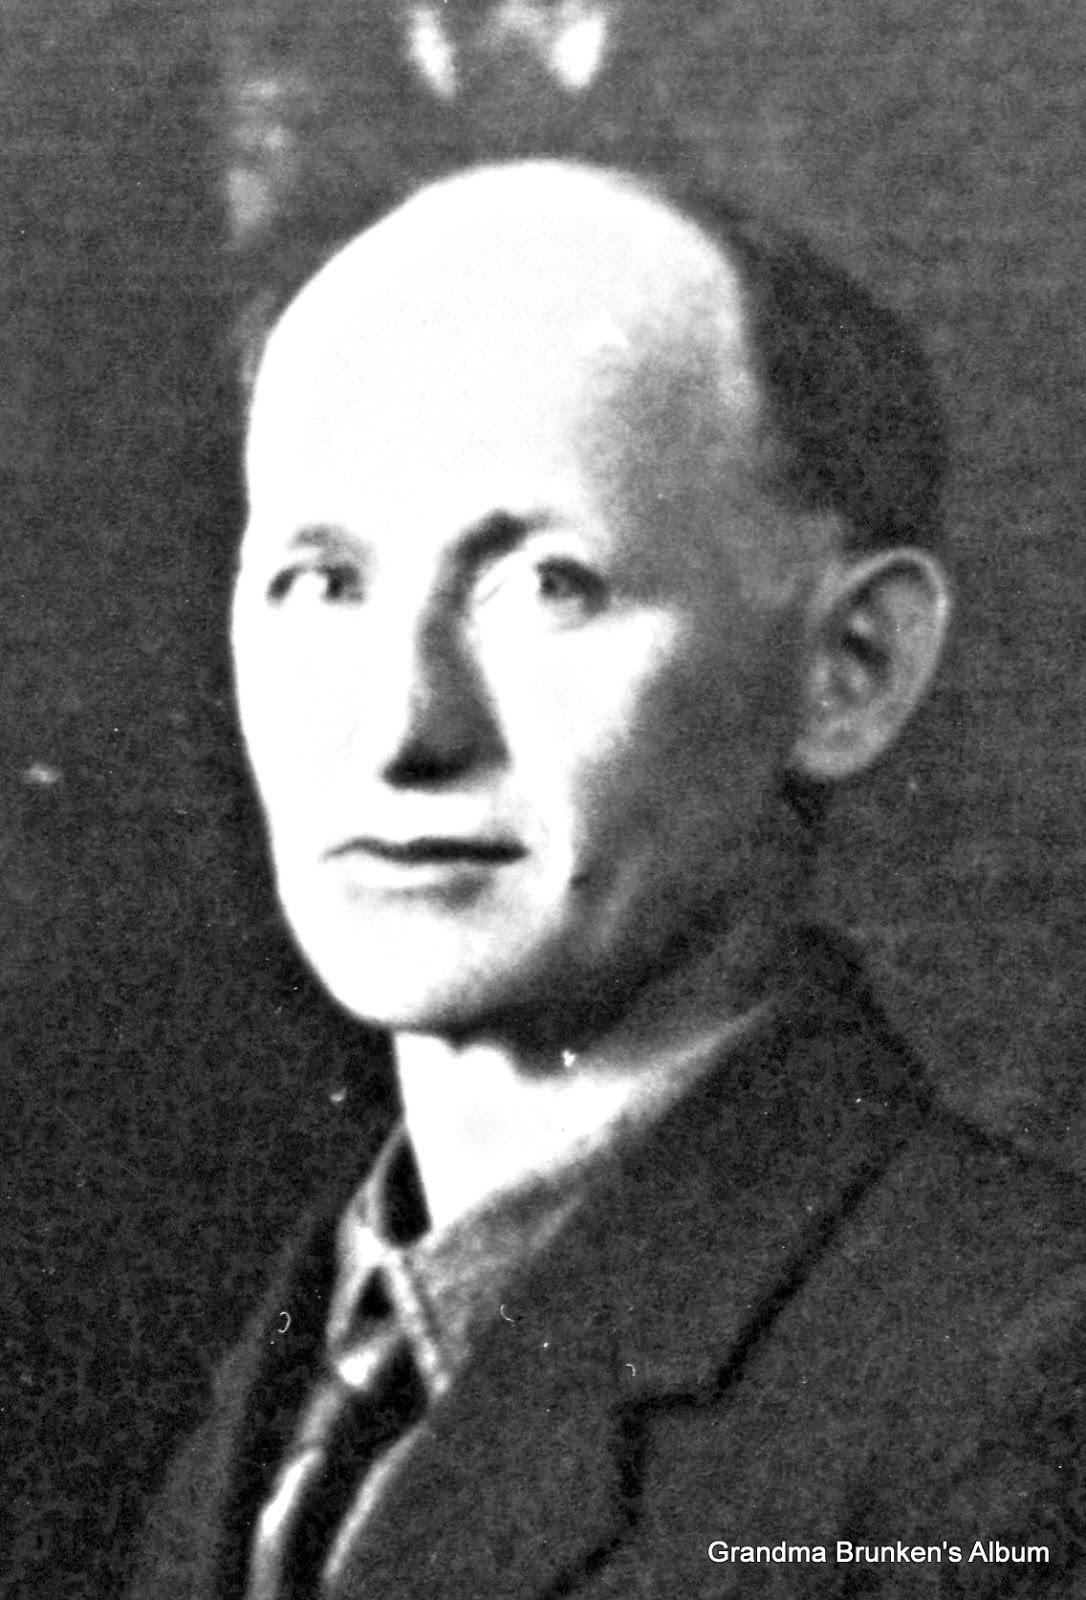 Henry Frederick Brunken